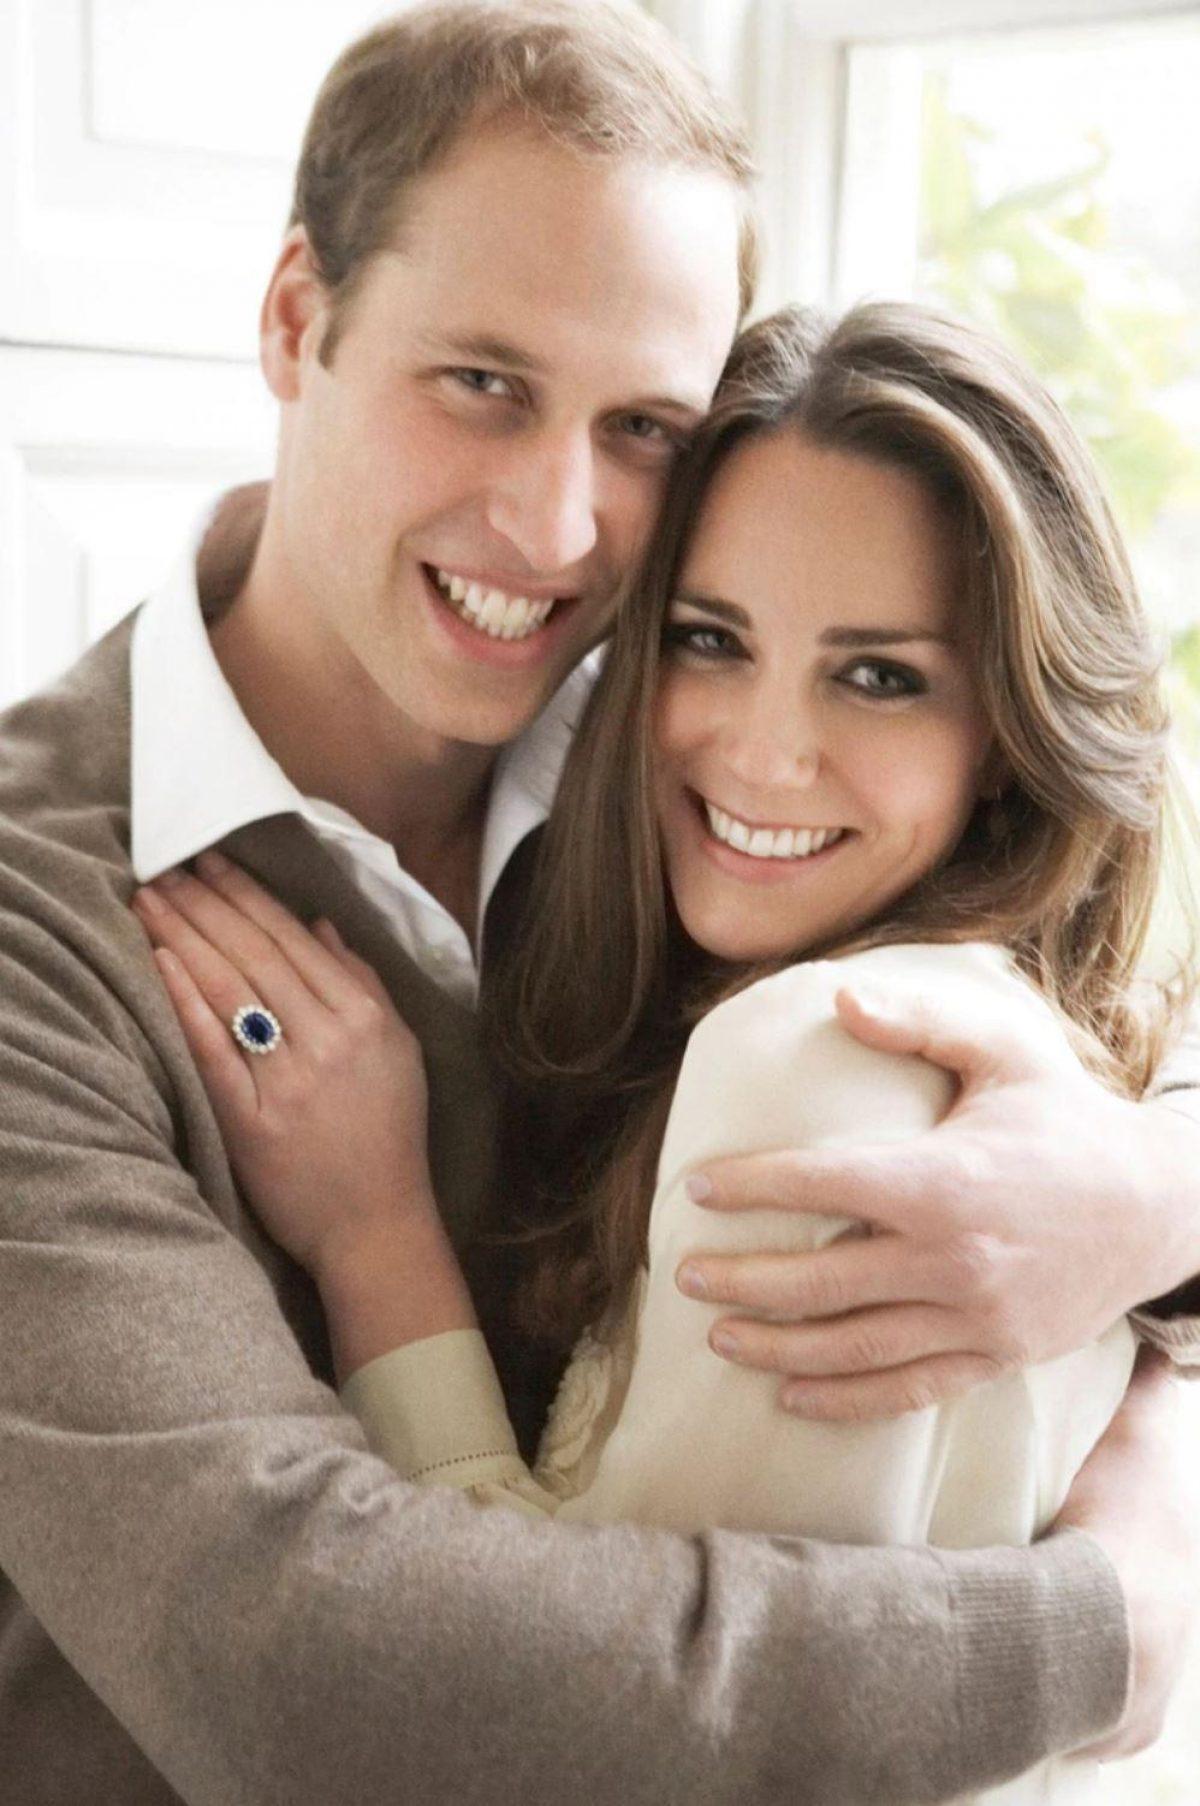 La fotografía oficial del compromiso de Kate Middleton y el príncipe William en noviembre de 2010